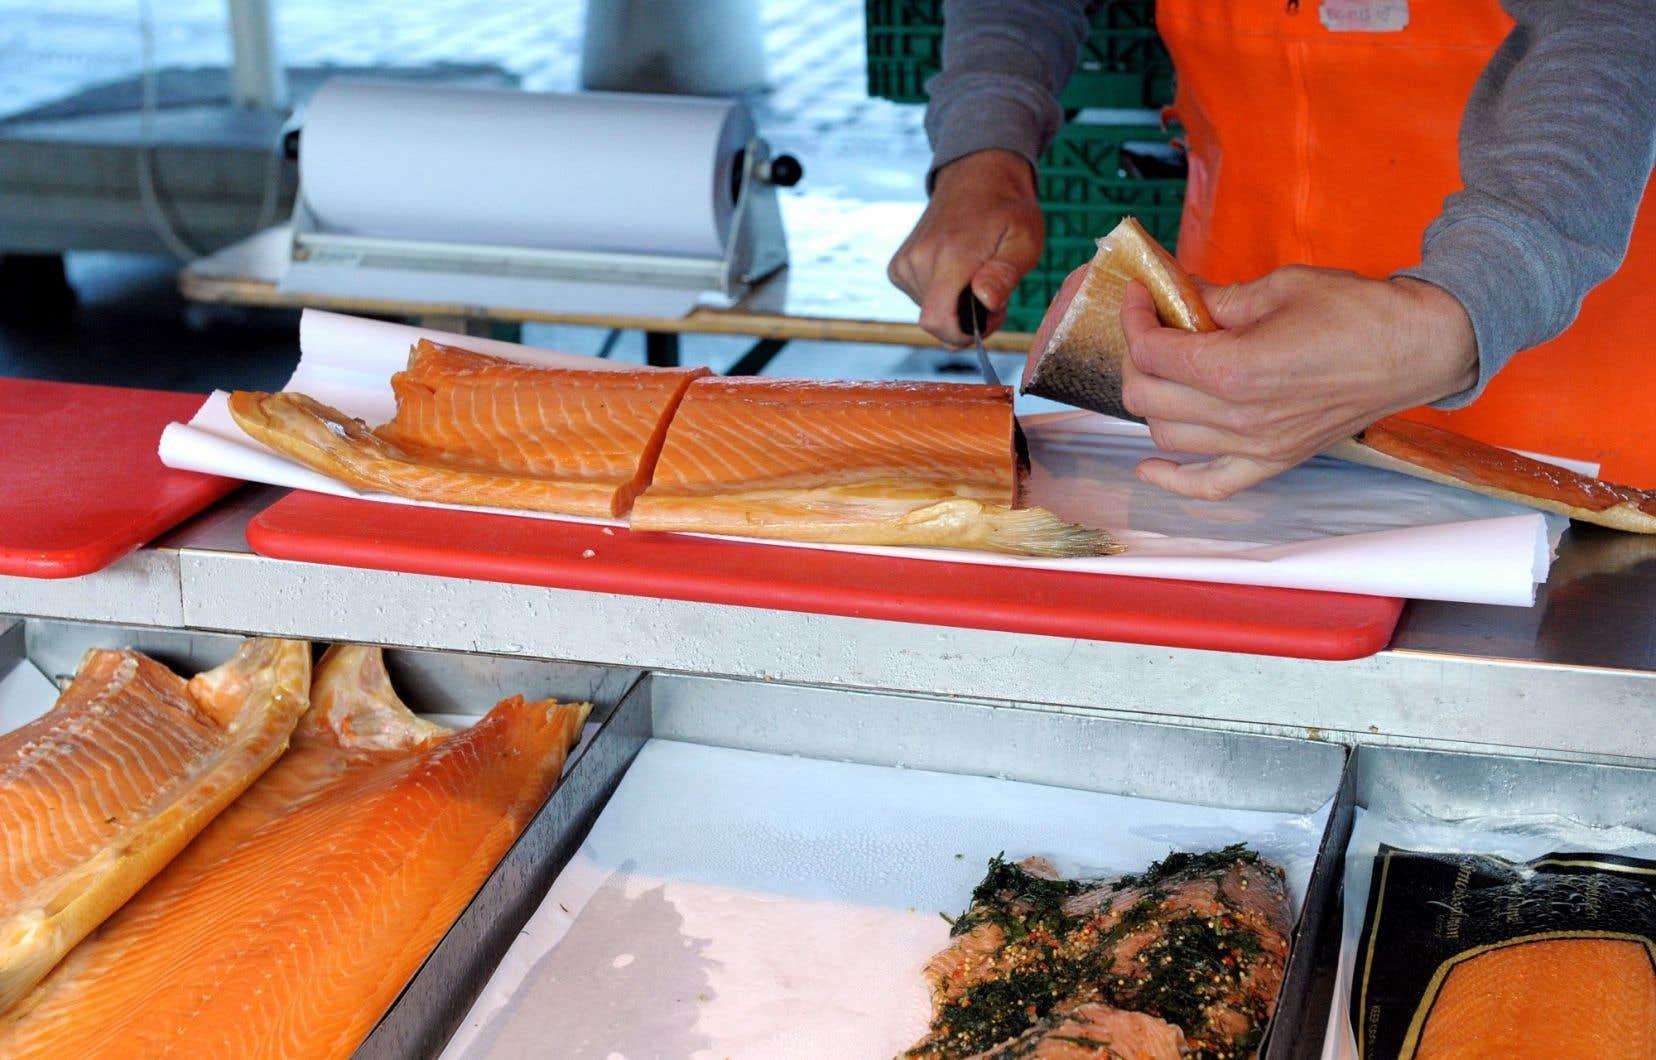 Les risques de consommer du saumon génétiquement modifié sont peut-être nuls ou infimes pour la santé, mais alors, pourquoi ne pas l'étiqueter comme OGM?